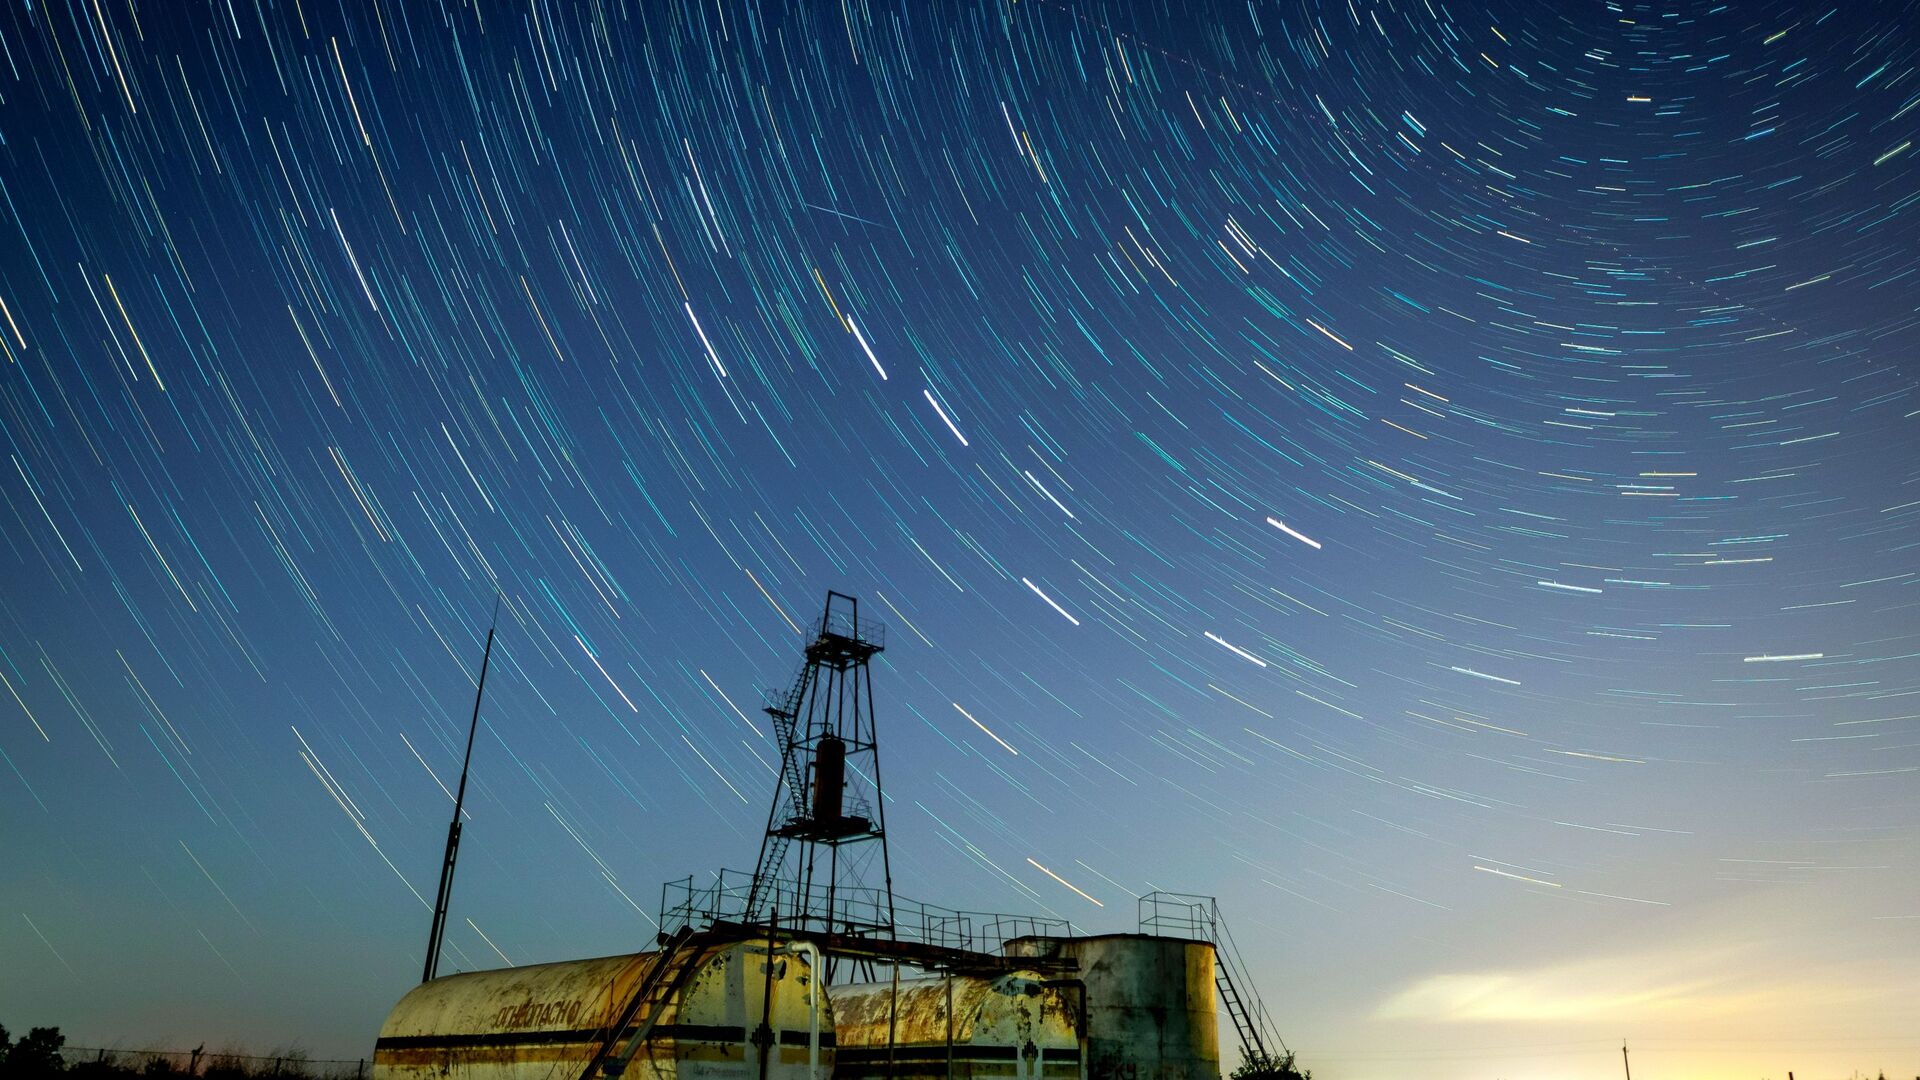 Звездное небо, наблюдаемое в Краснодарском крае во время метеорного потока Персеиды - Sputnik Грузия, 1920, 14.10.2021